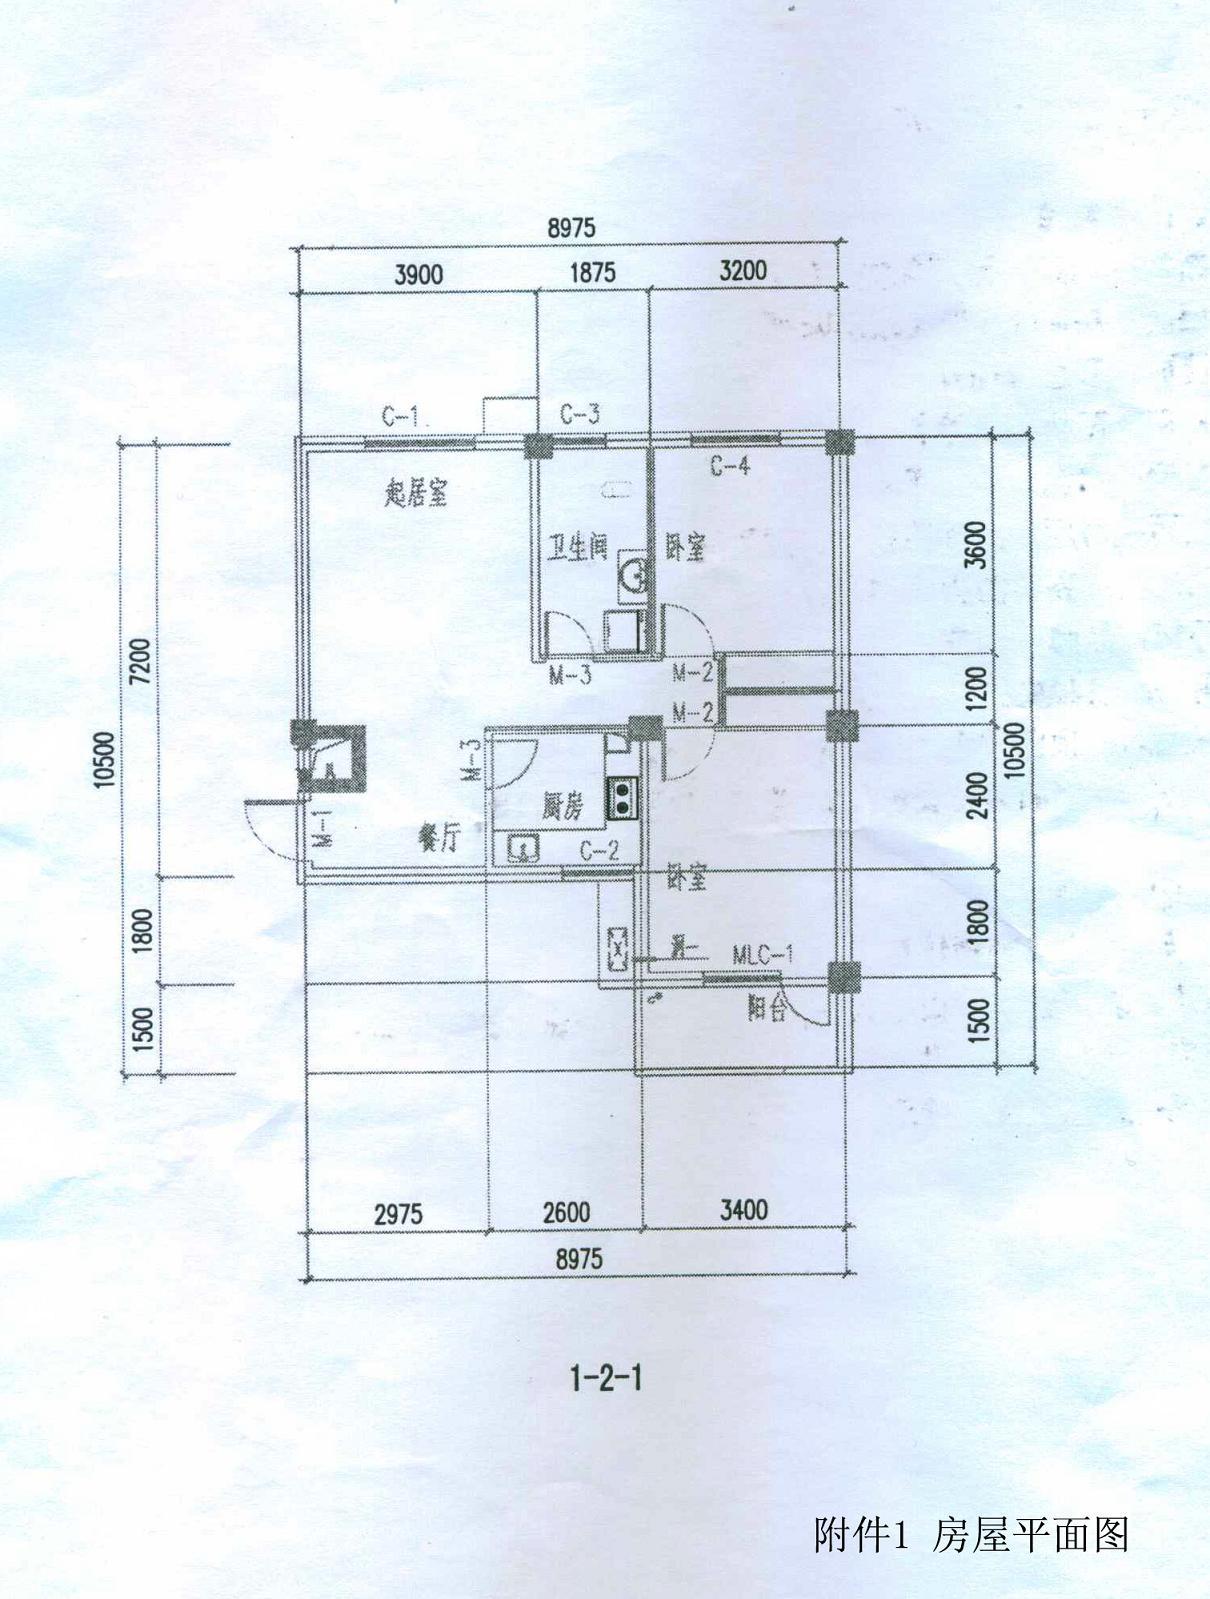 室内装修图纸电工autocad免费下载图纸图片